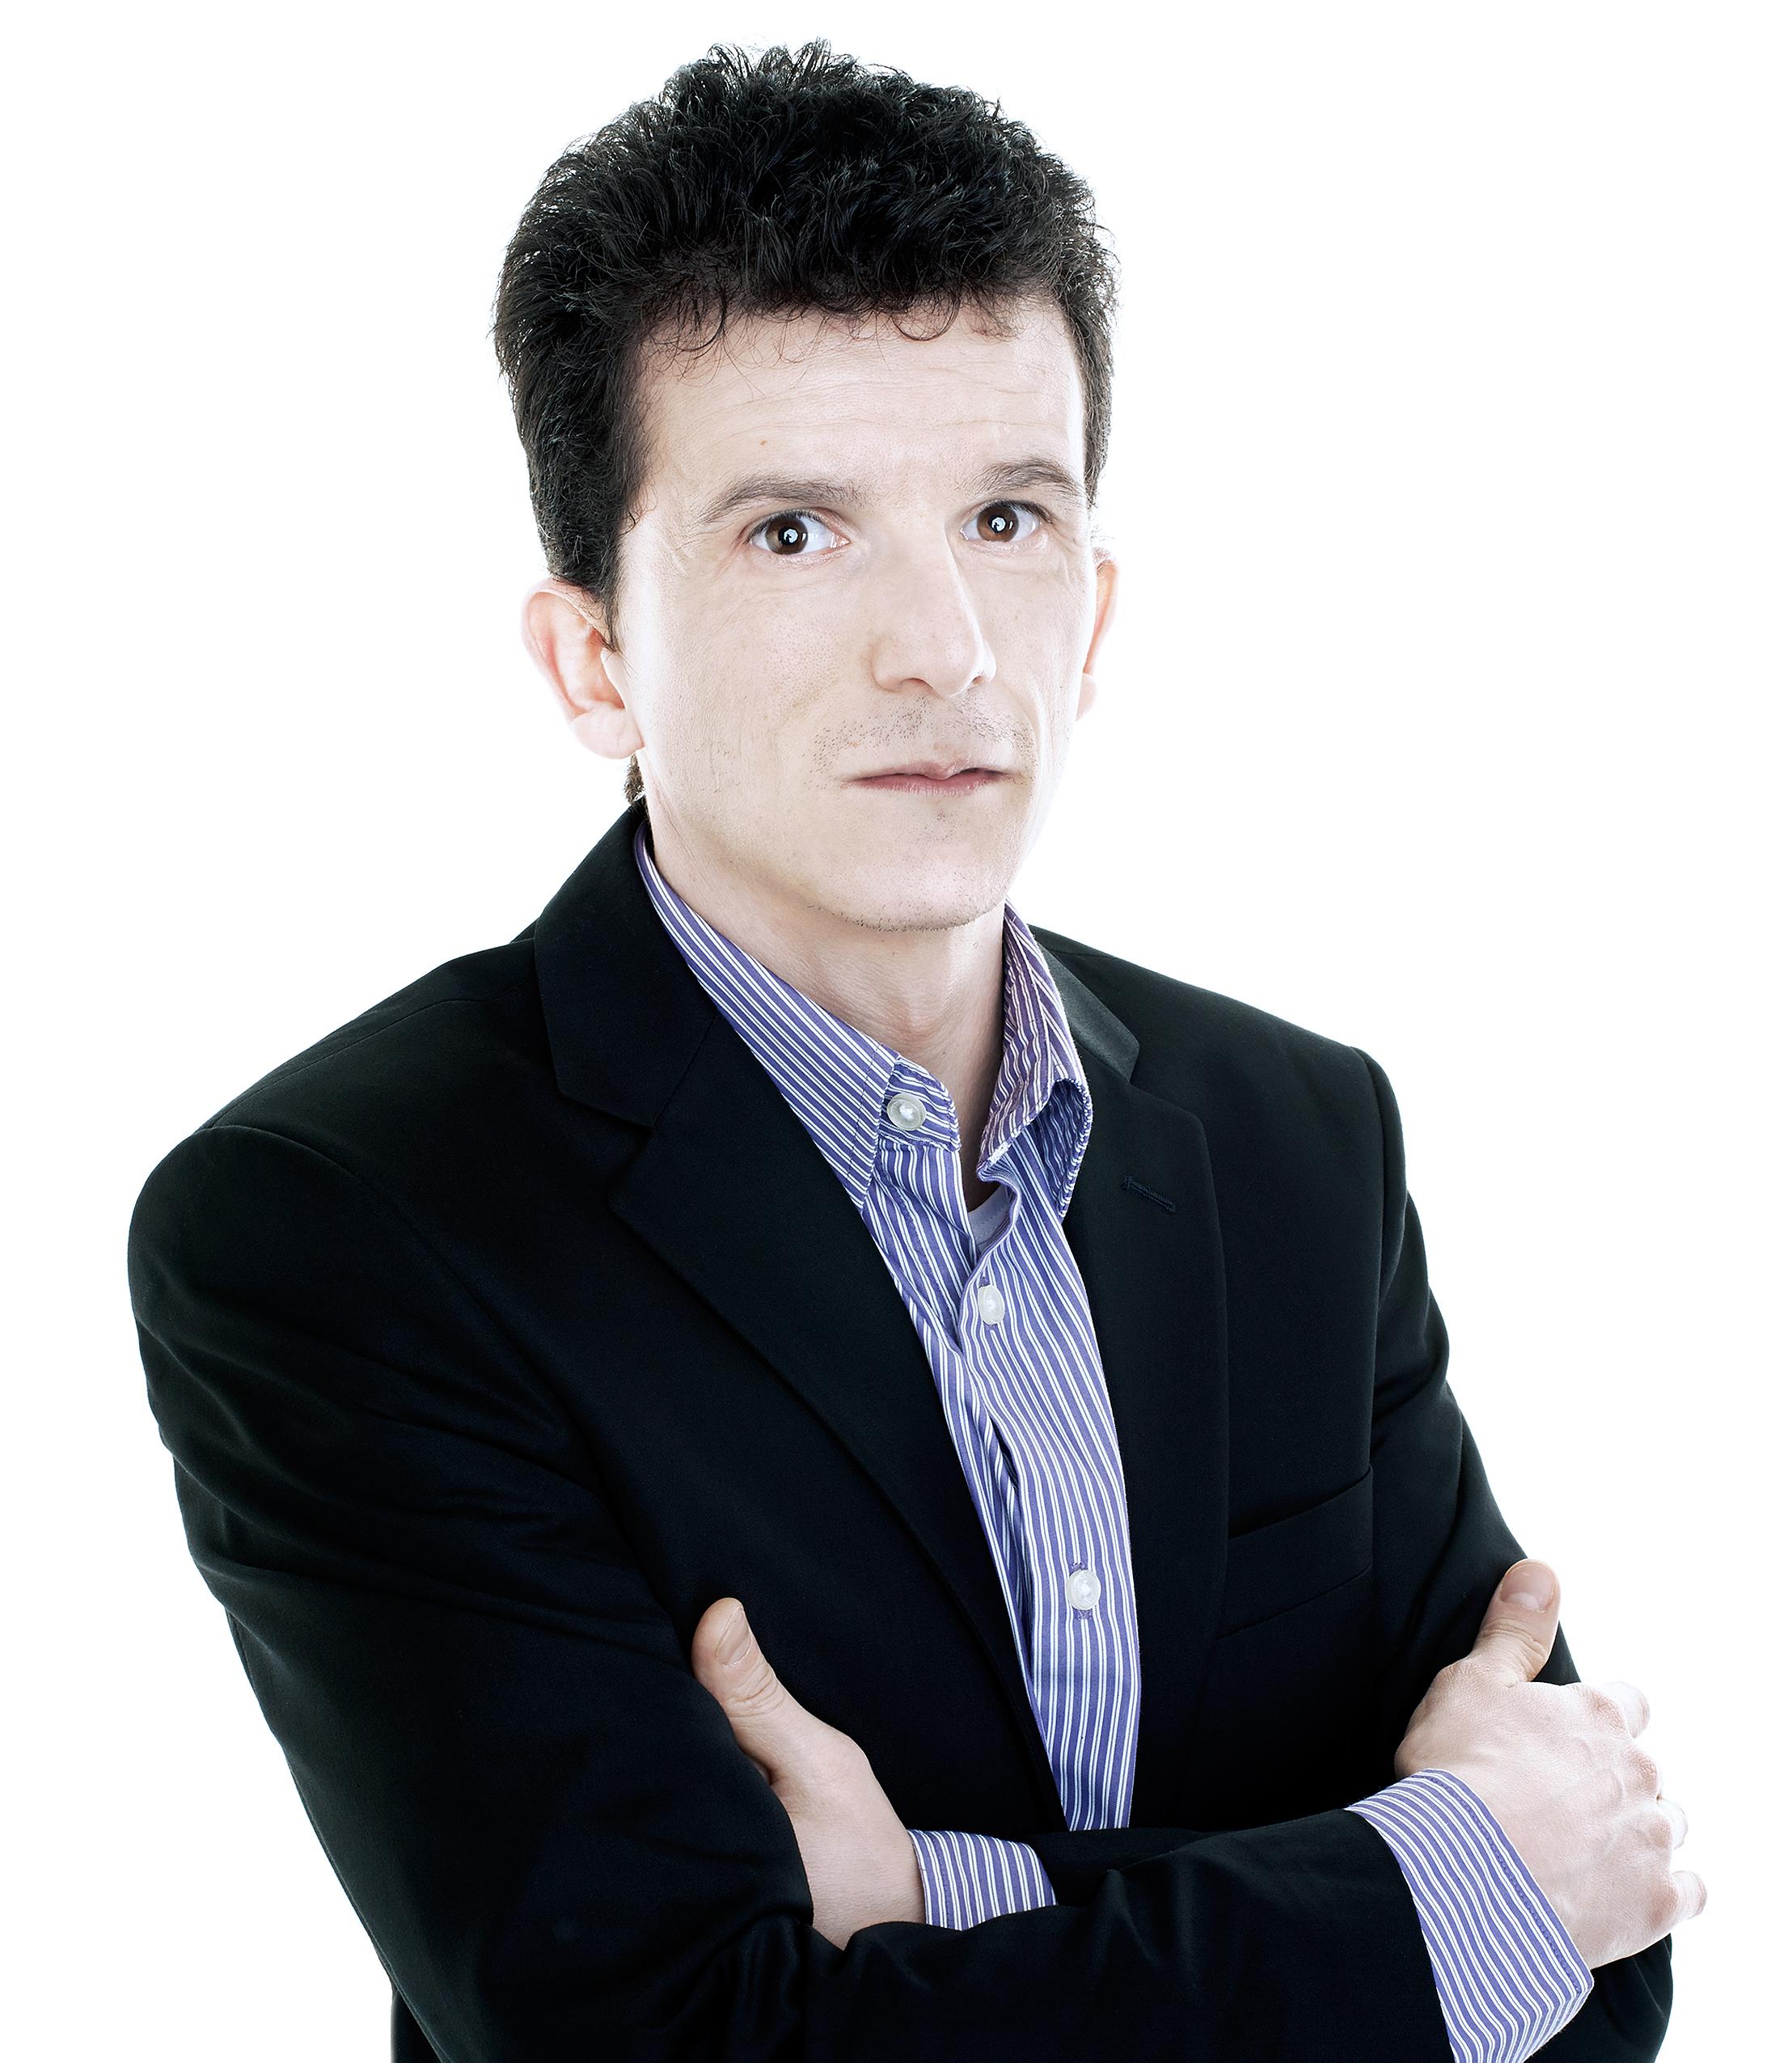 Fabrice Spada